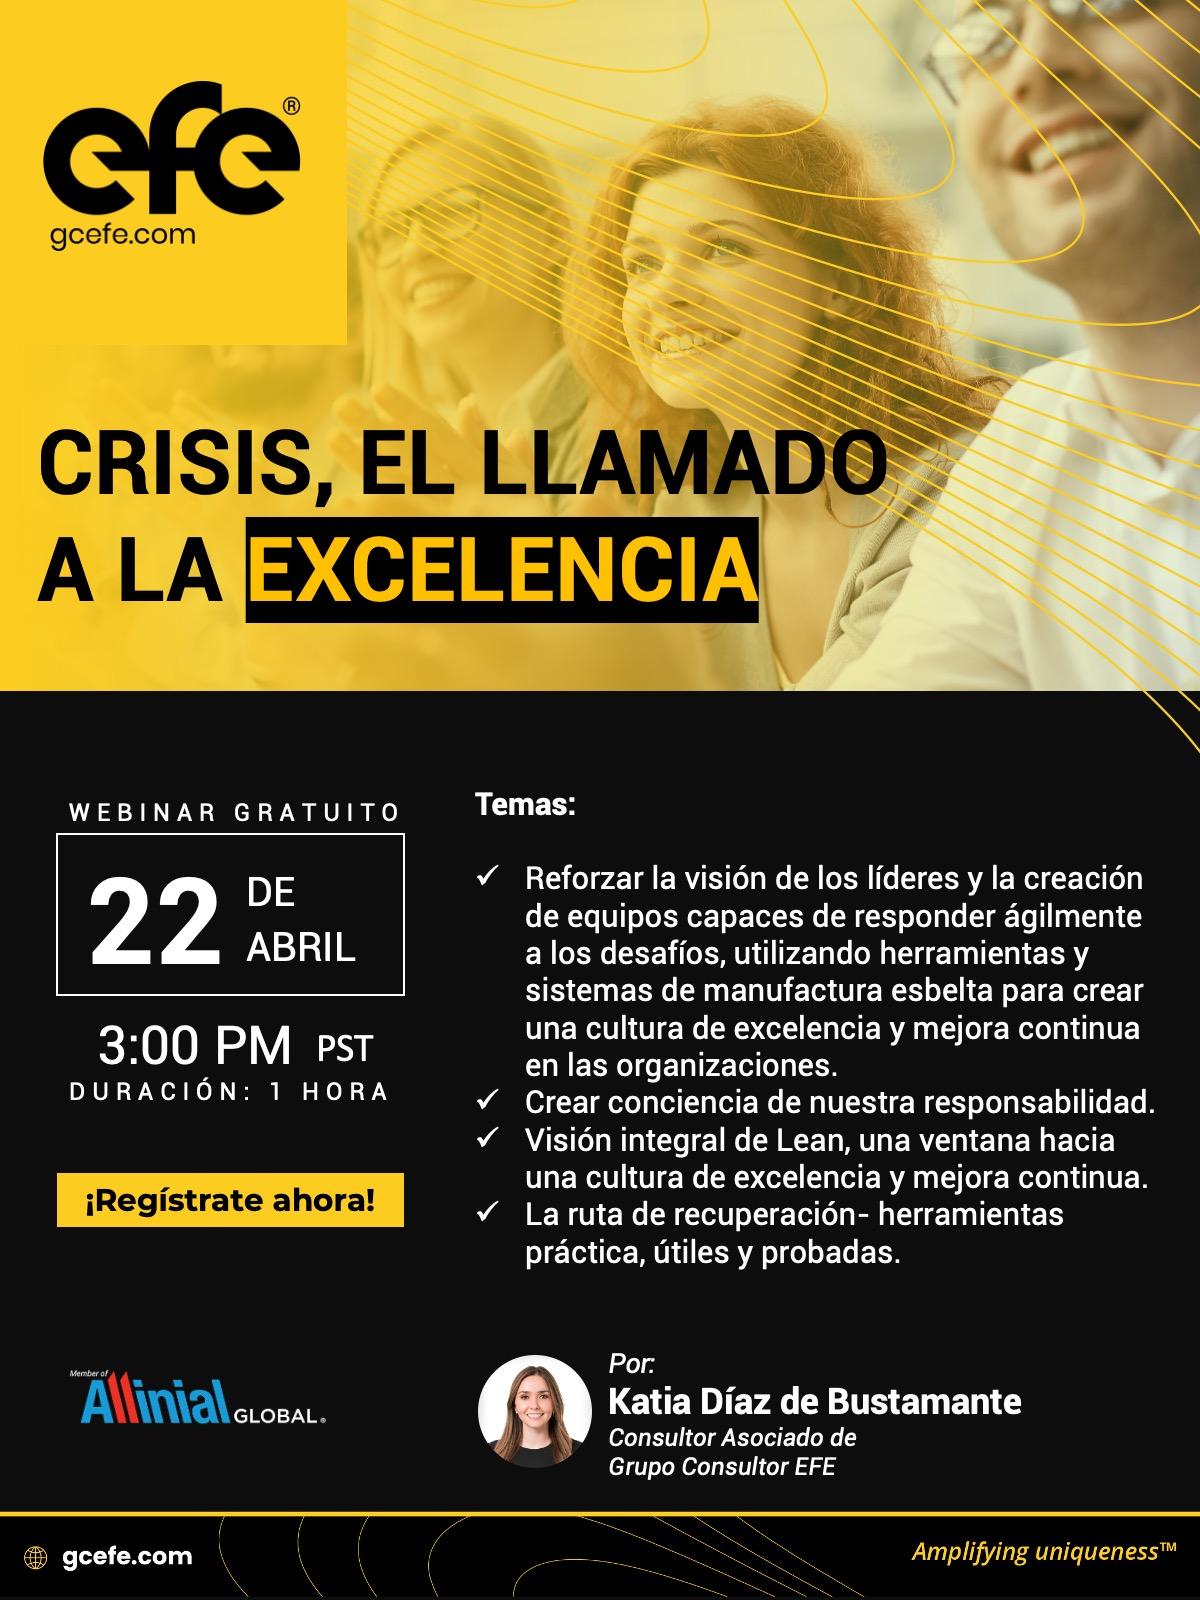 Crisis, El Llamado A La Excelencia.